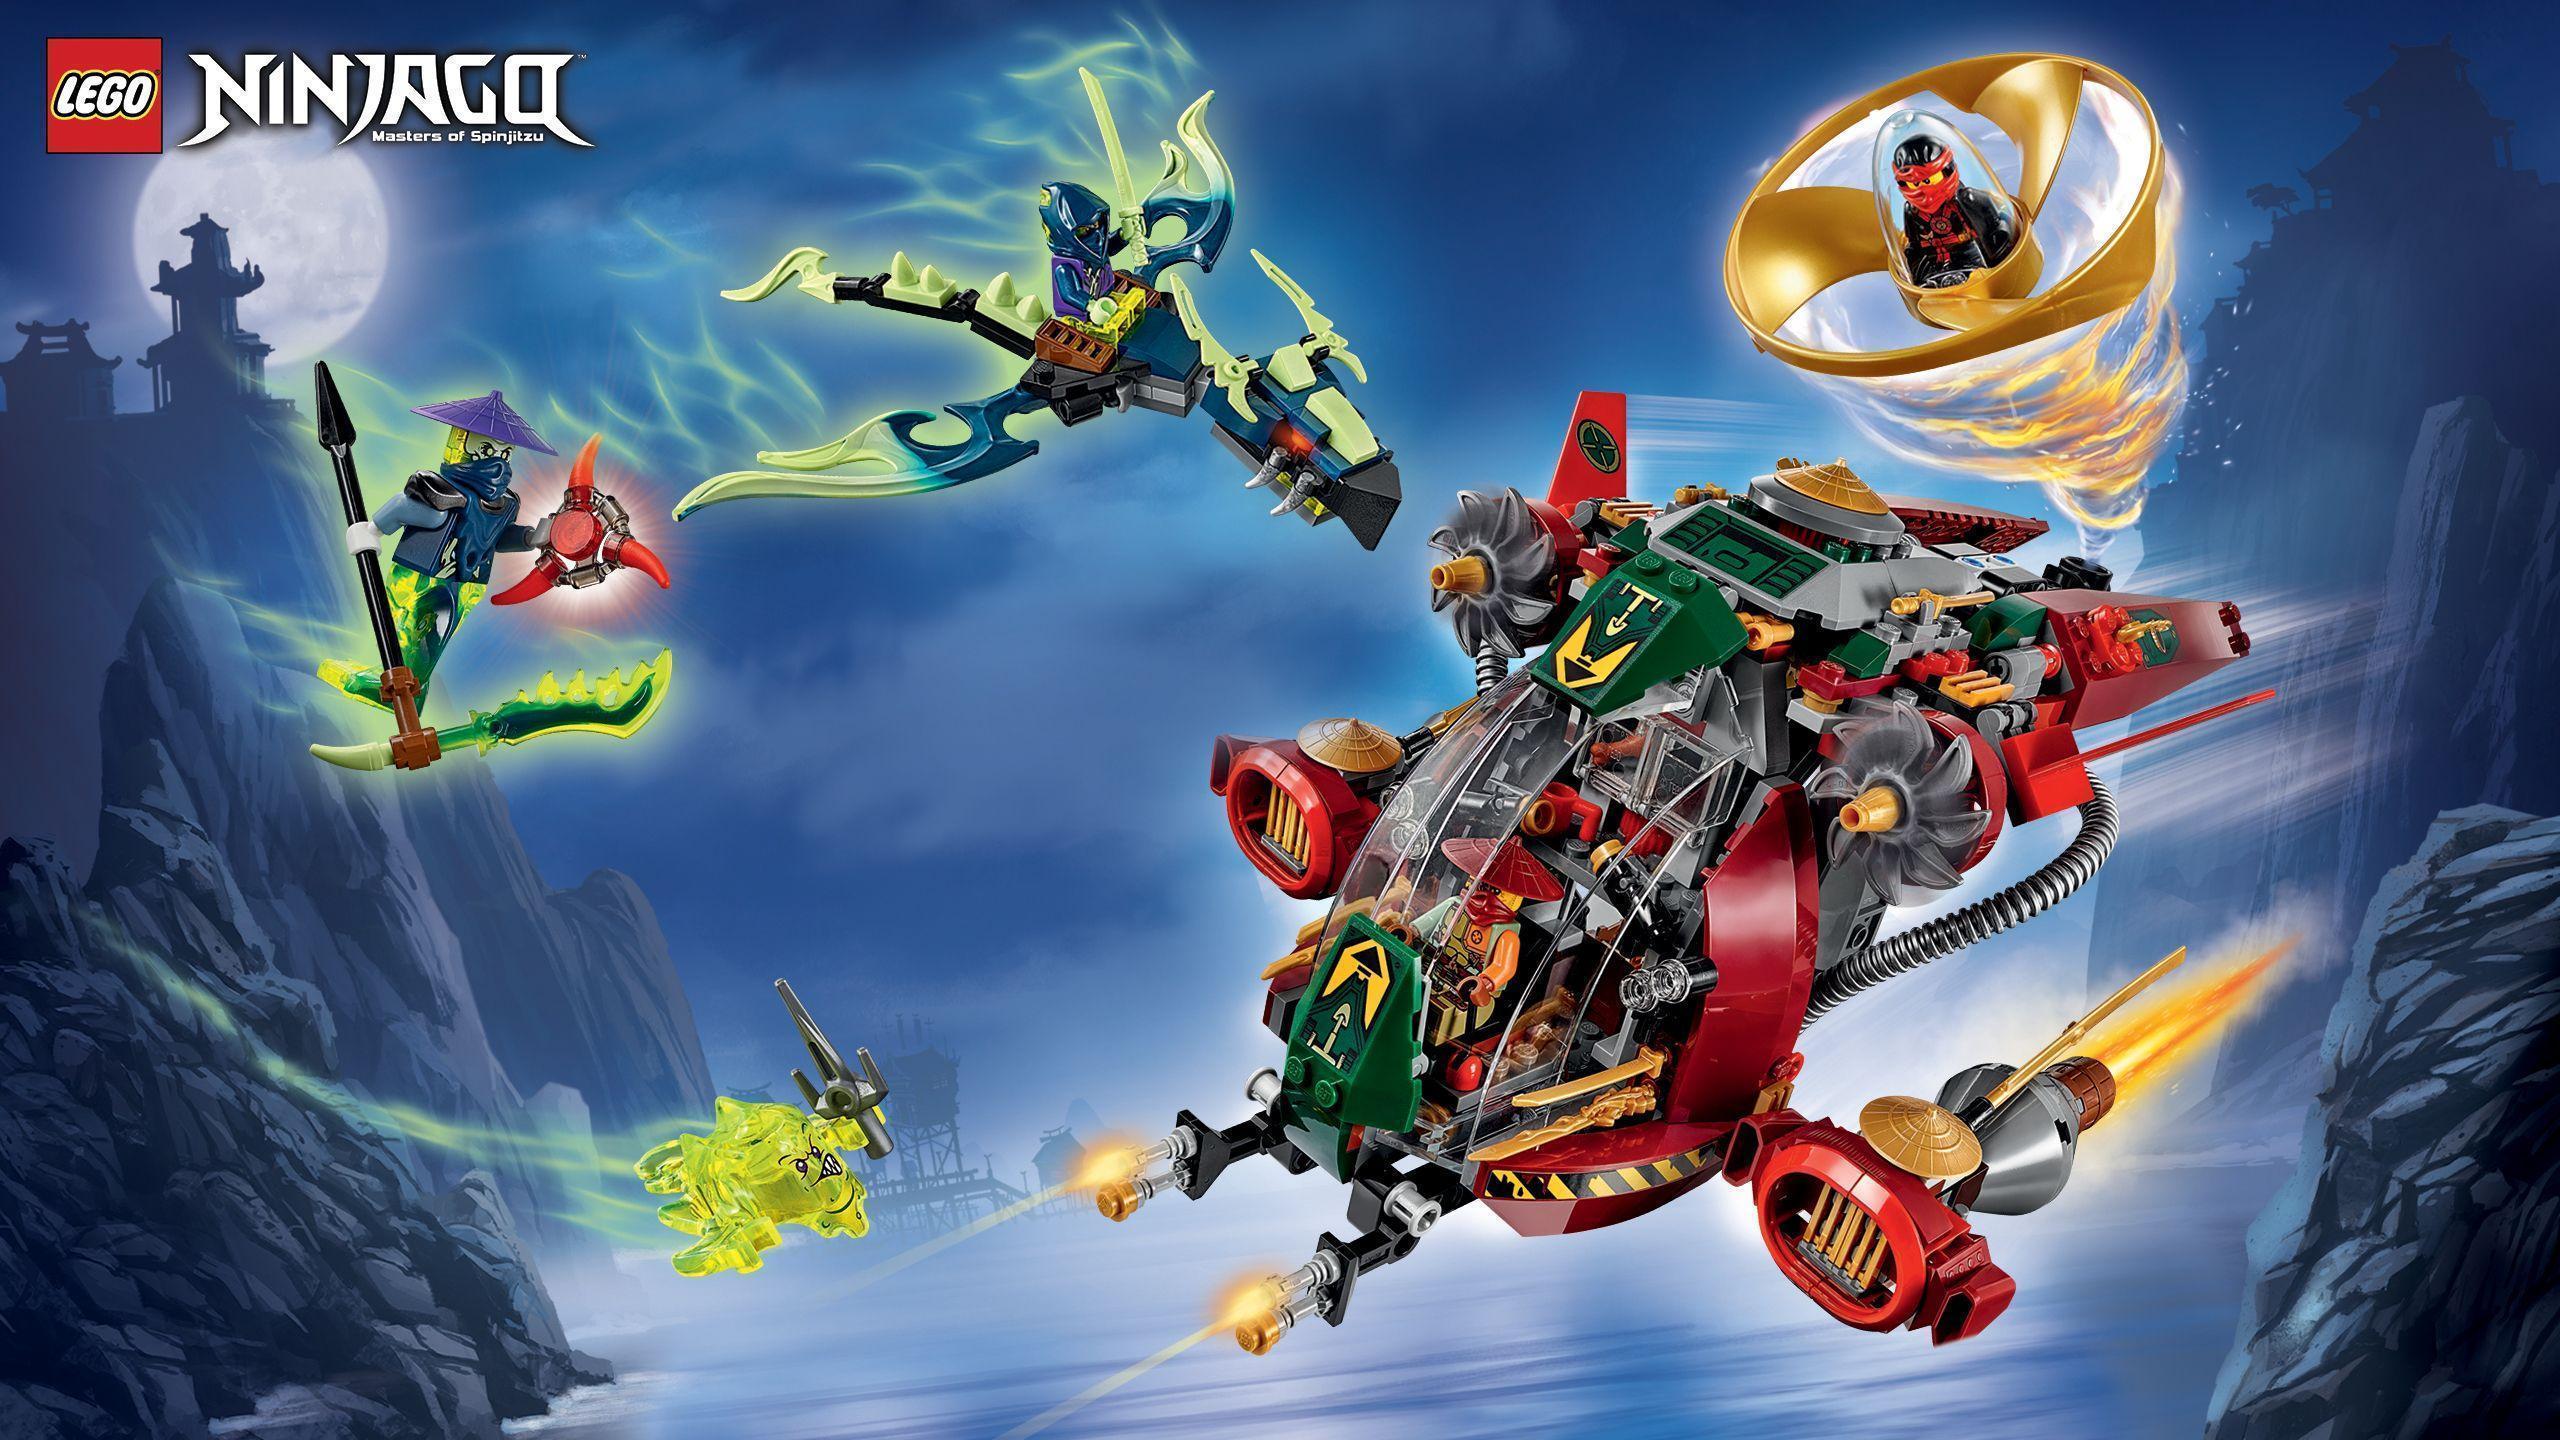 Lego Ninjago Wallpapers Wallpaper Cave